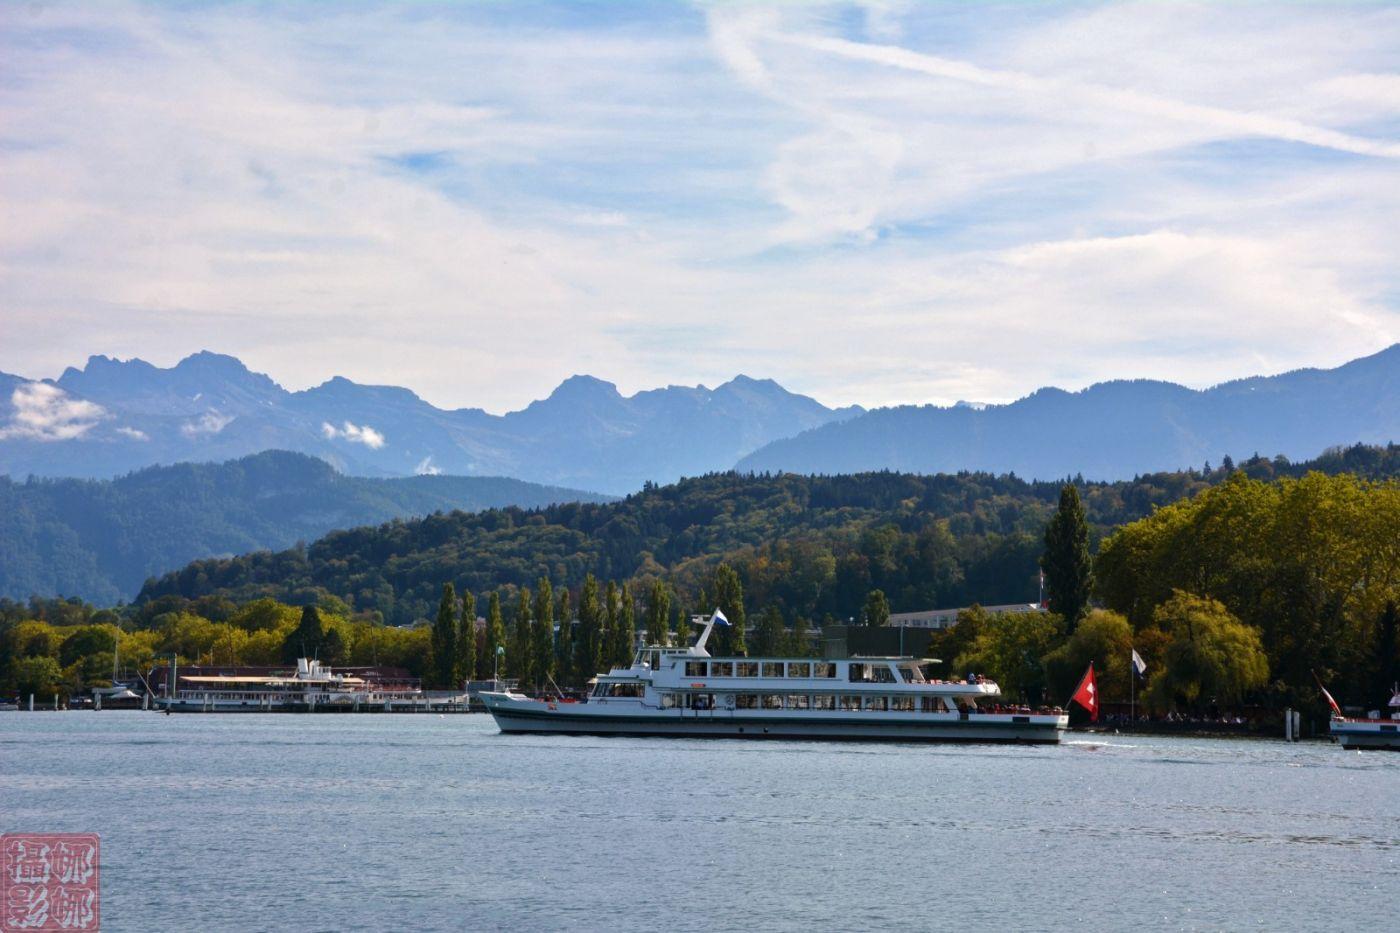 瑞士卢塞恩湖畔风光(一)_图1-13